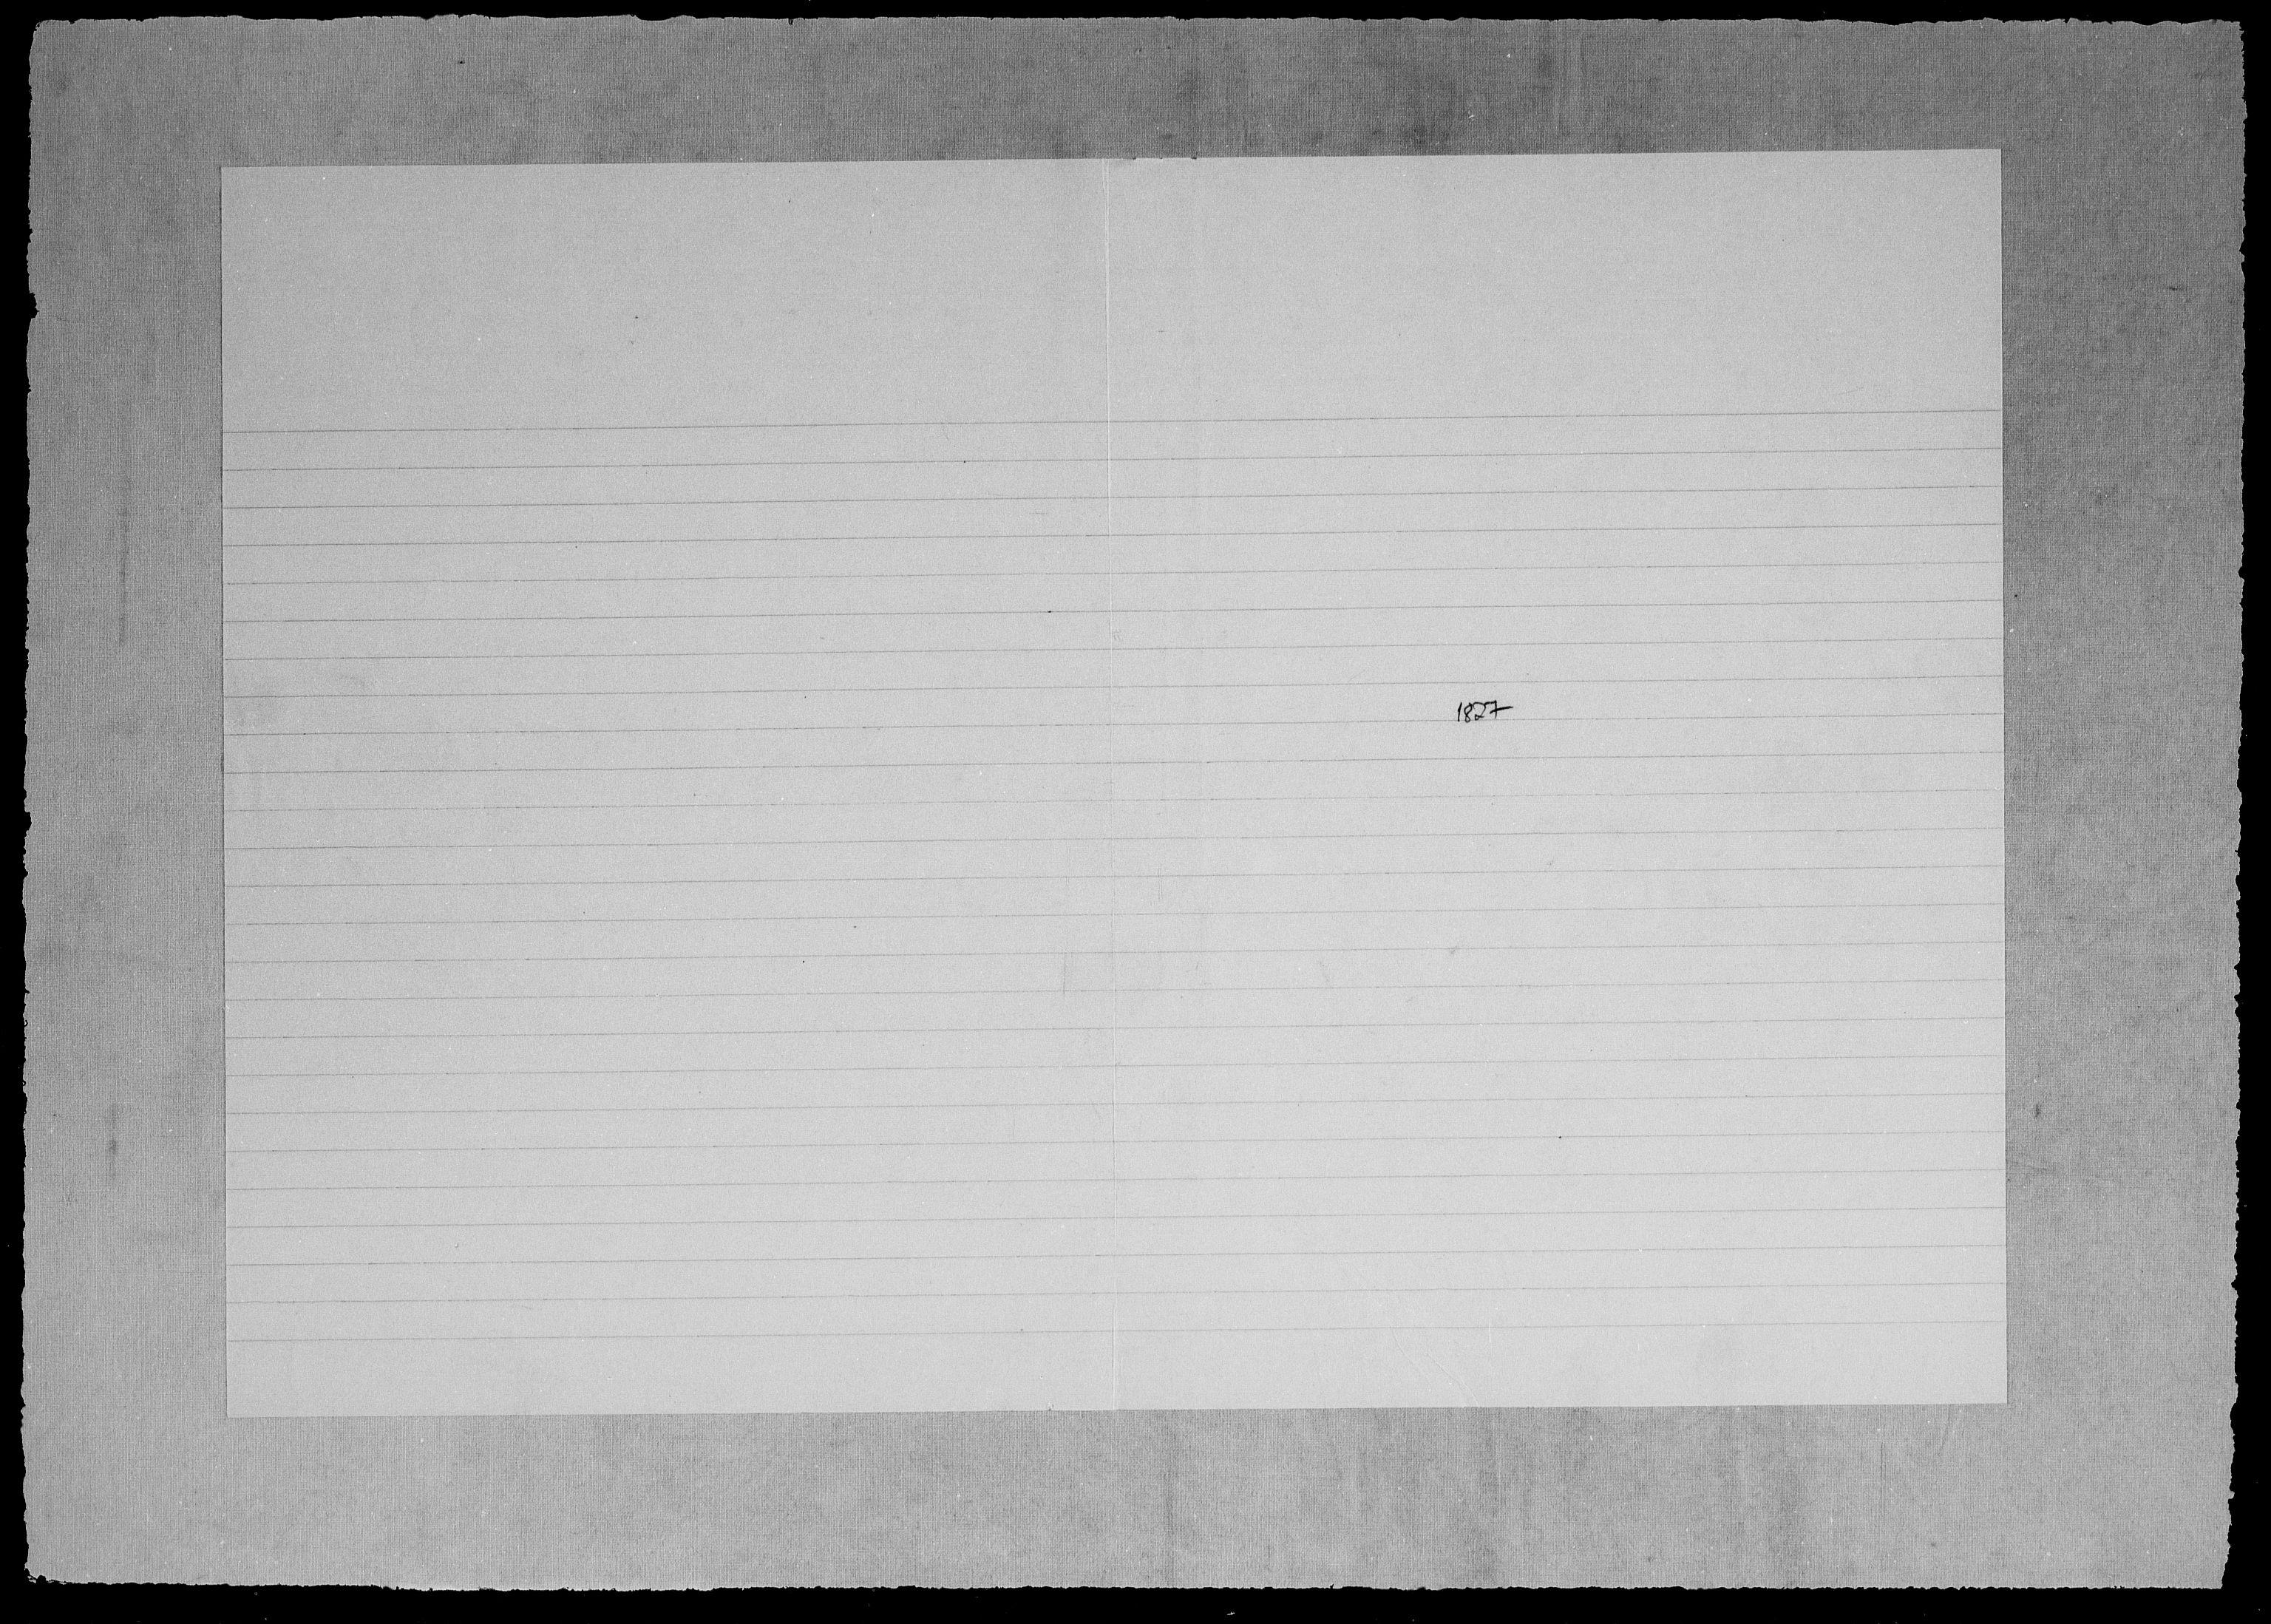 RA, Modums Blaafarveværk, G/Gb/L0097, 1826-1827, s. 2